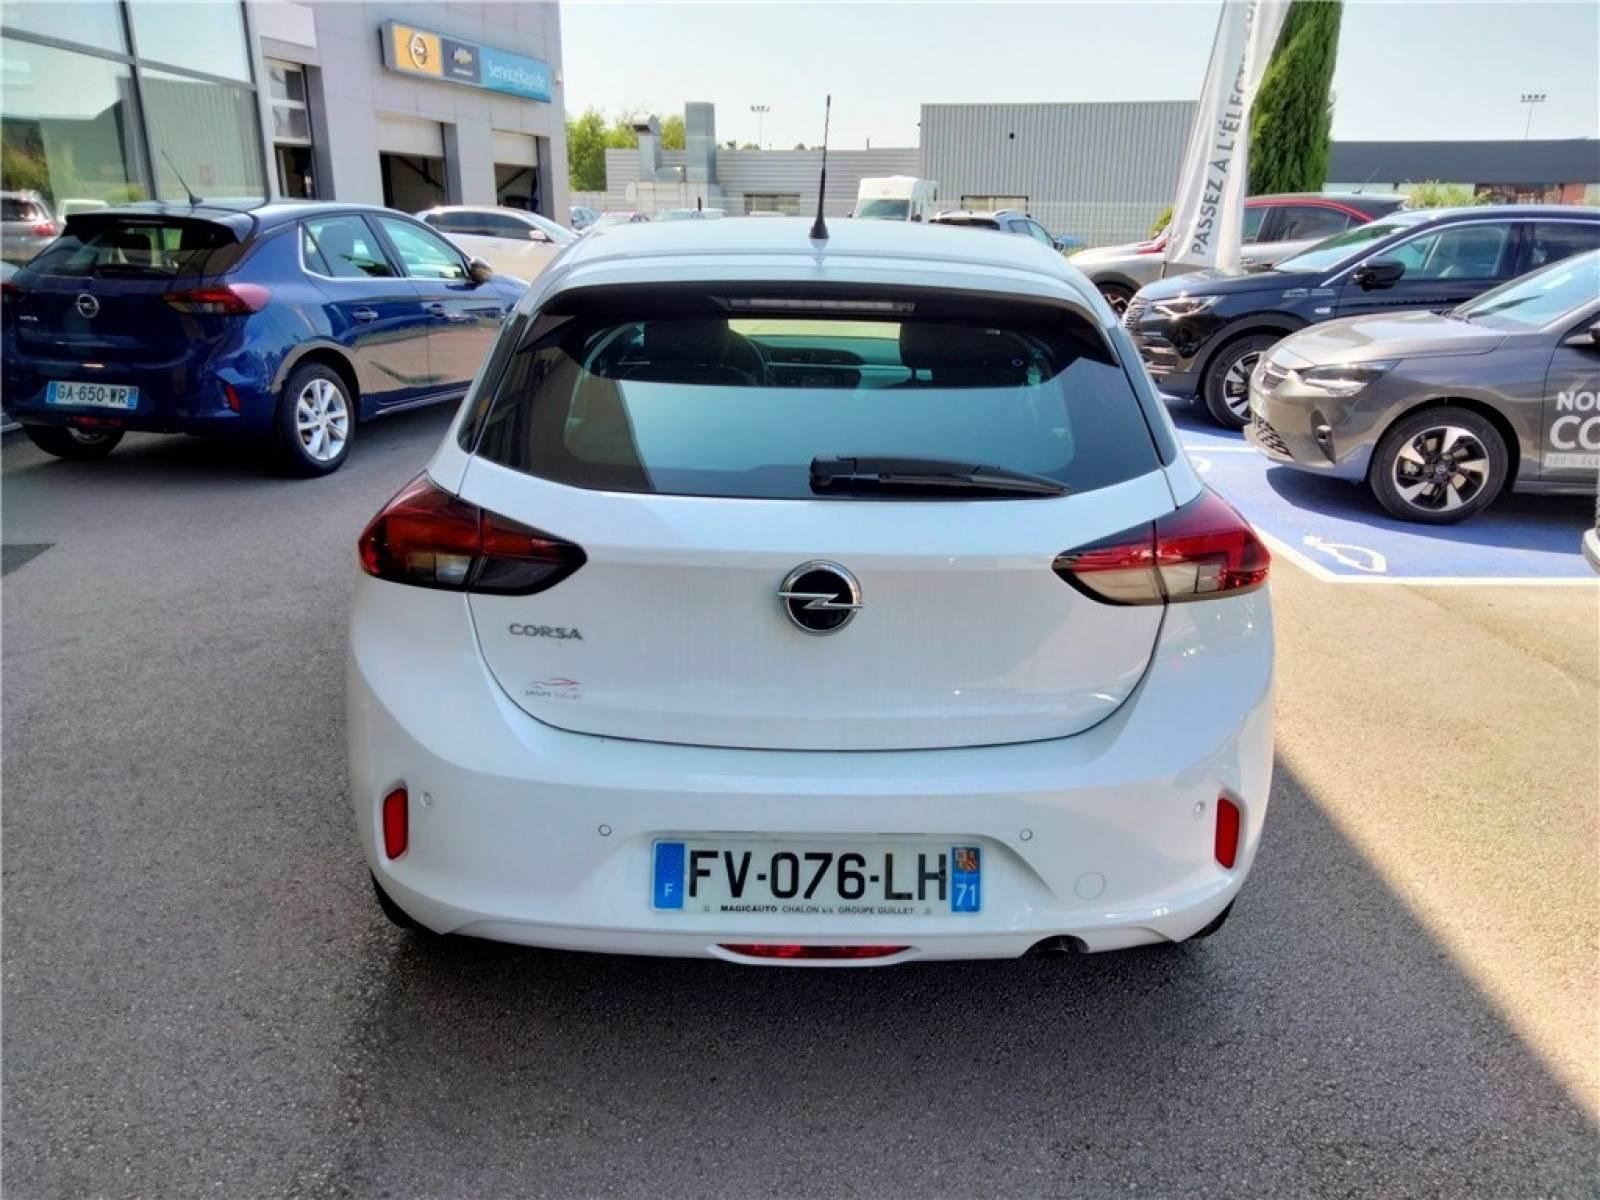 OPEL Corsa 1.2 75 ch BVM5 - véhicule d'occasion - Groupe Guillet - Opel Magicauto - Chalon-sur-Saône - 71380 - Saint-Marcel - 28